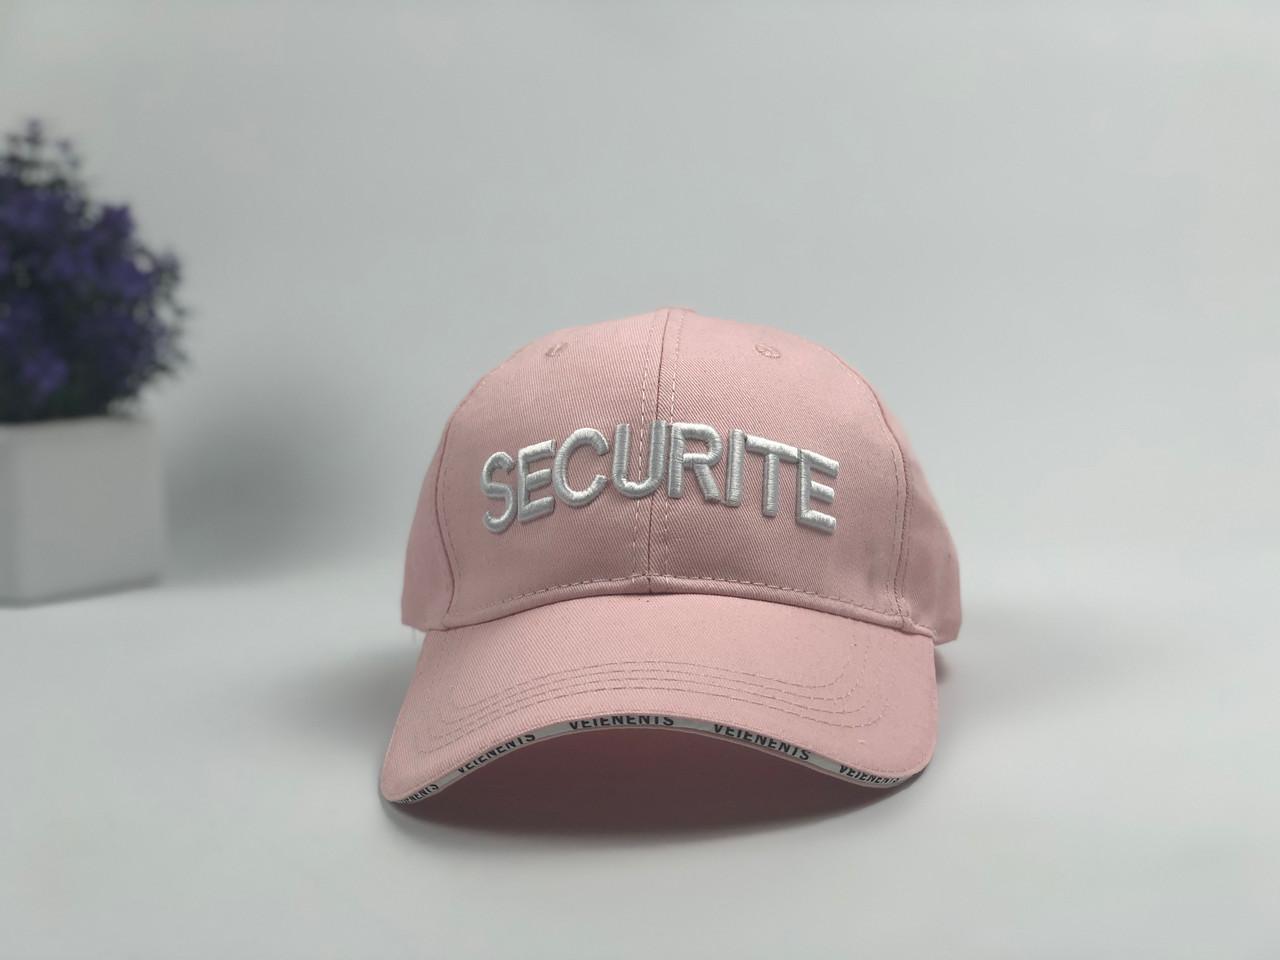 Кепка Бейсболка Мужская Женская Vetements с надписью Securite Розовая